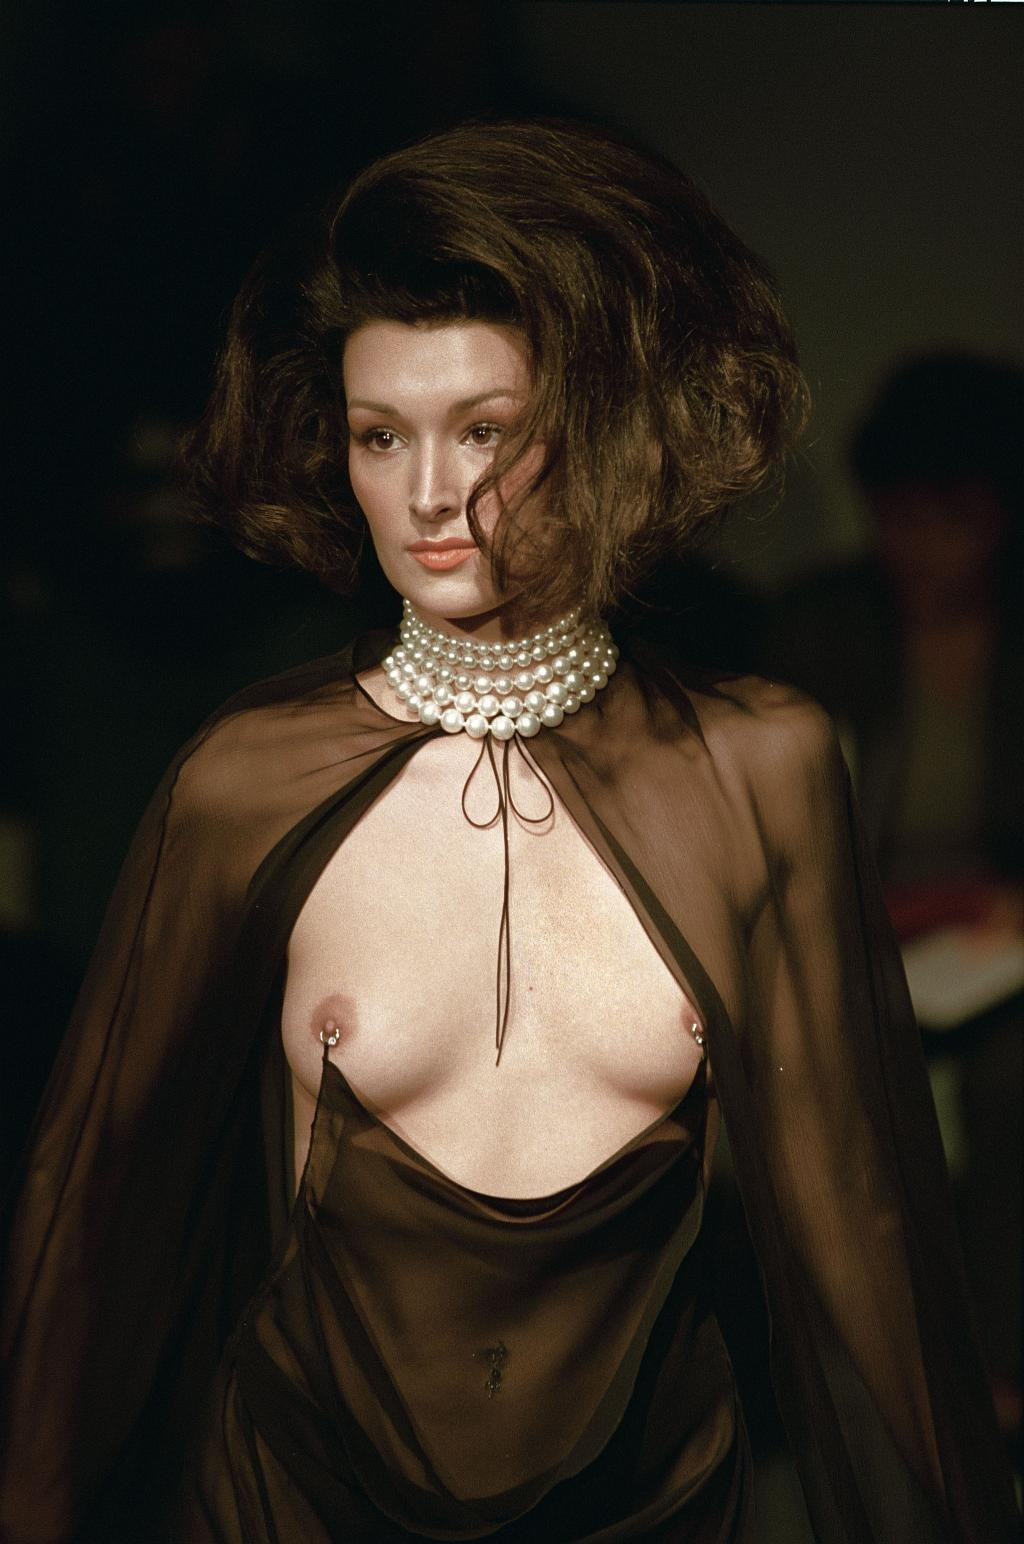 Смотреть показ мод голая мода 29 фотография